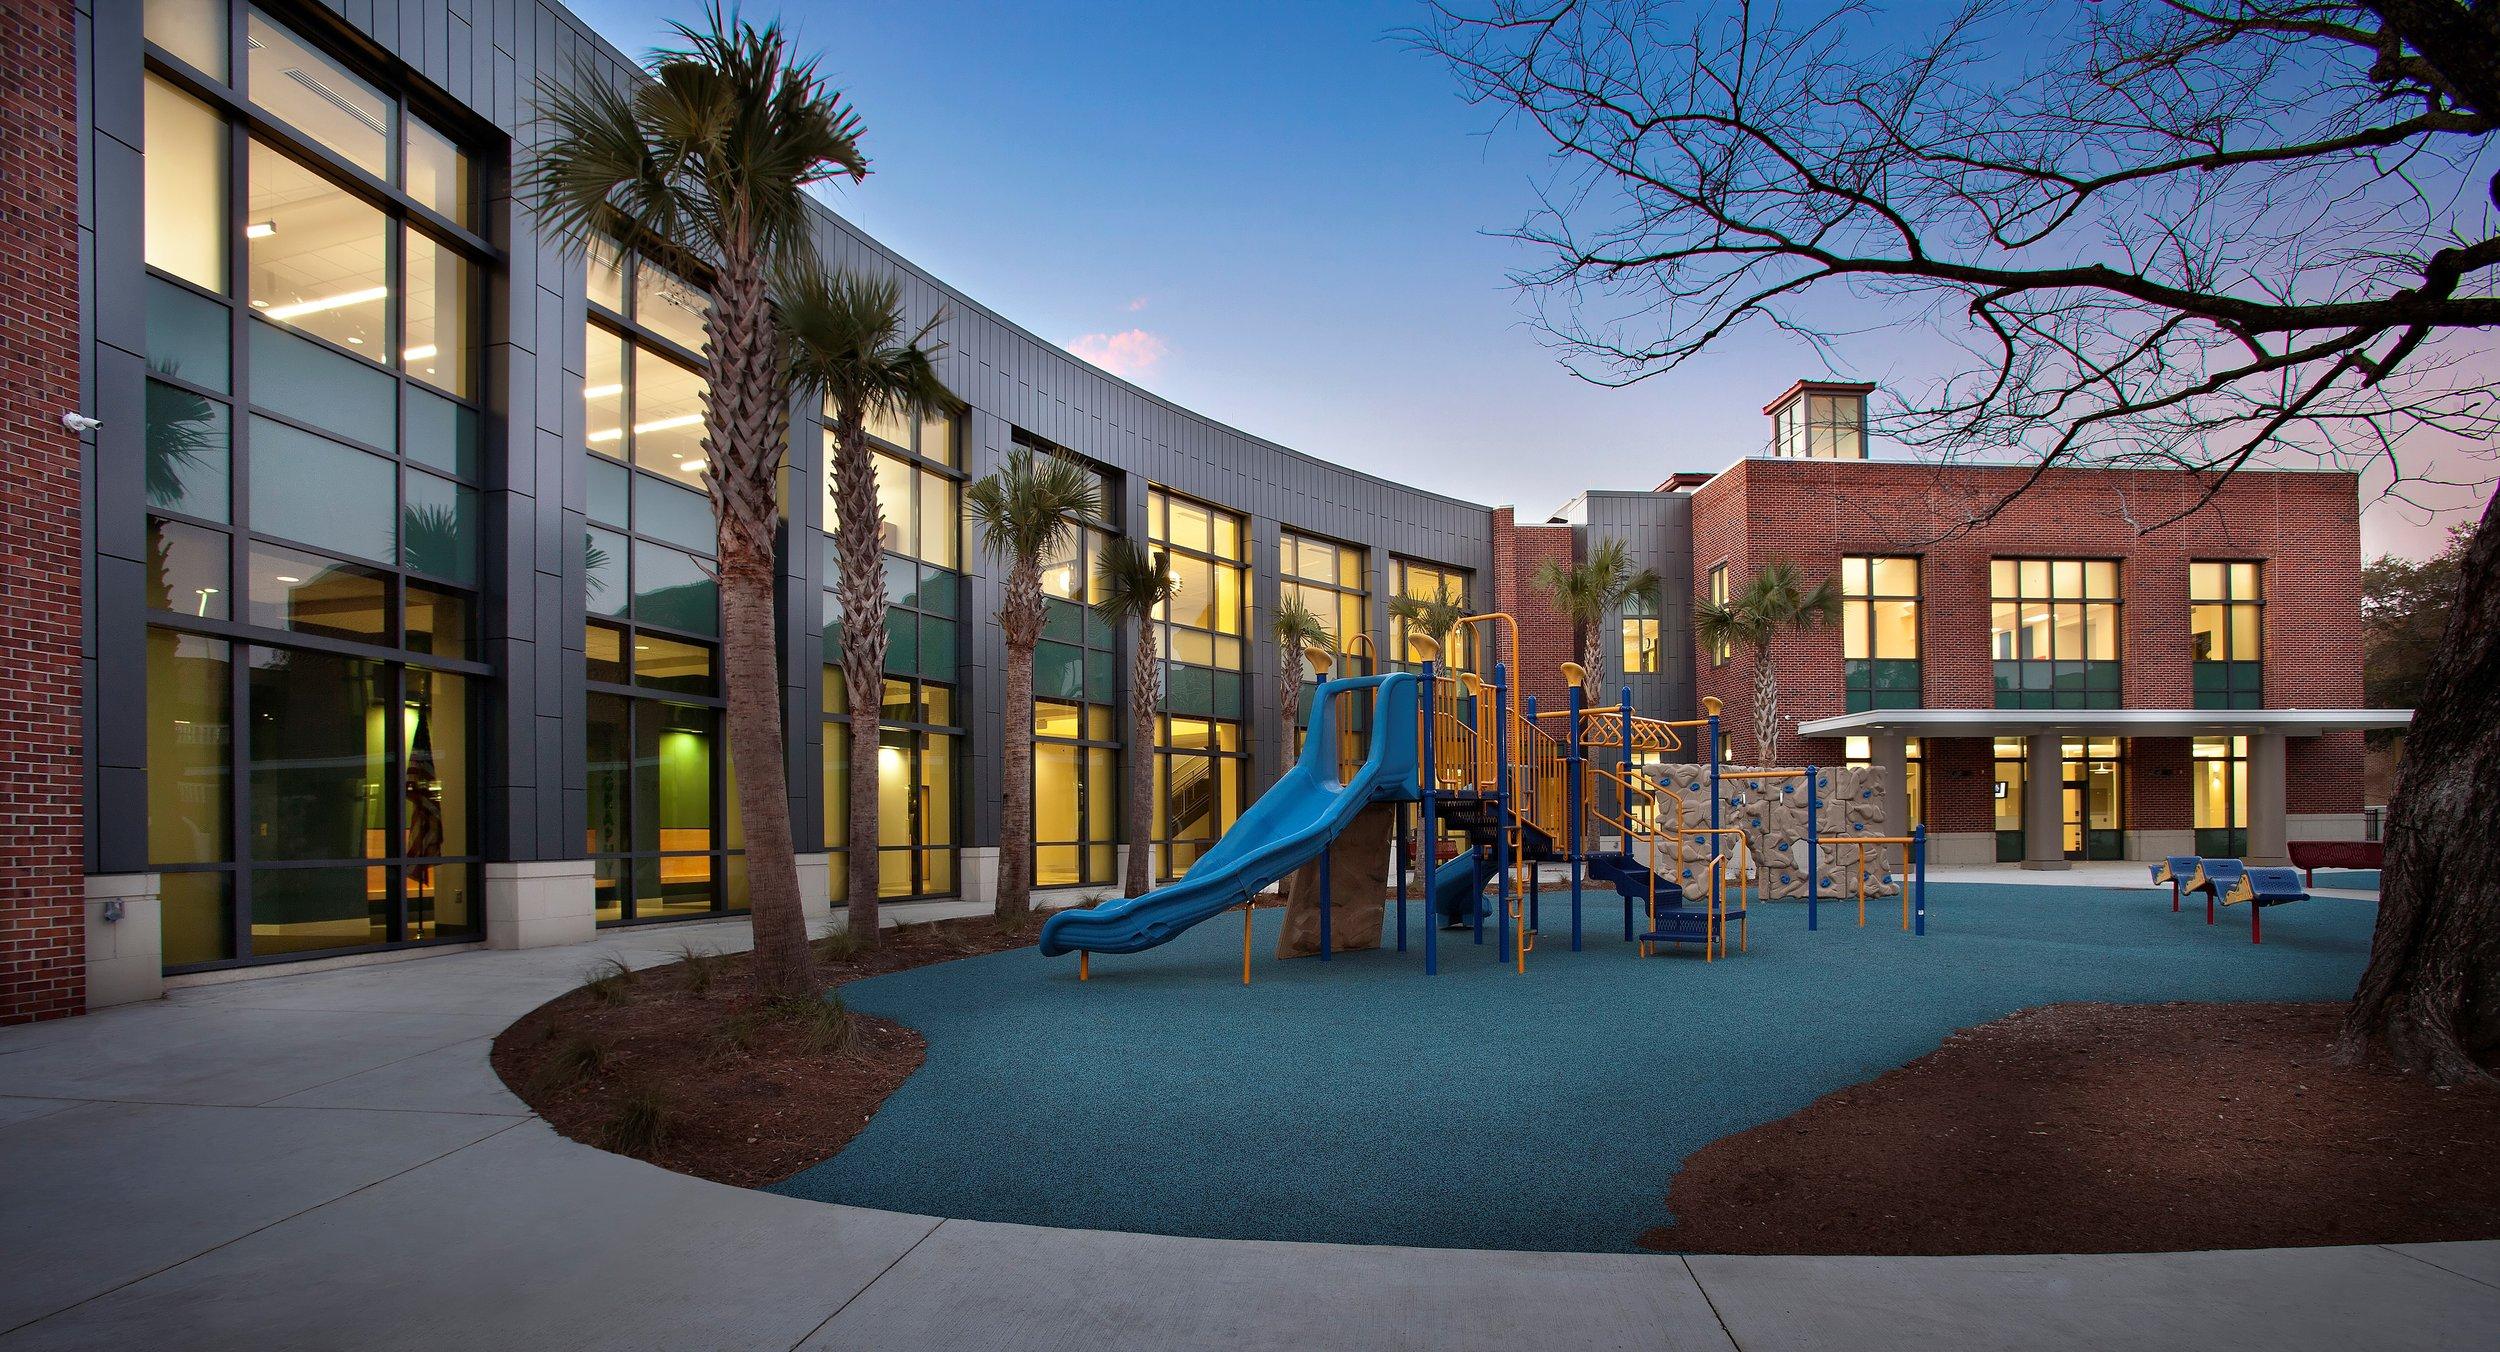 Memminger Elementary